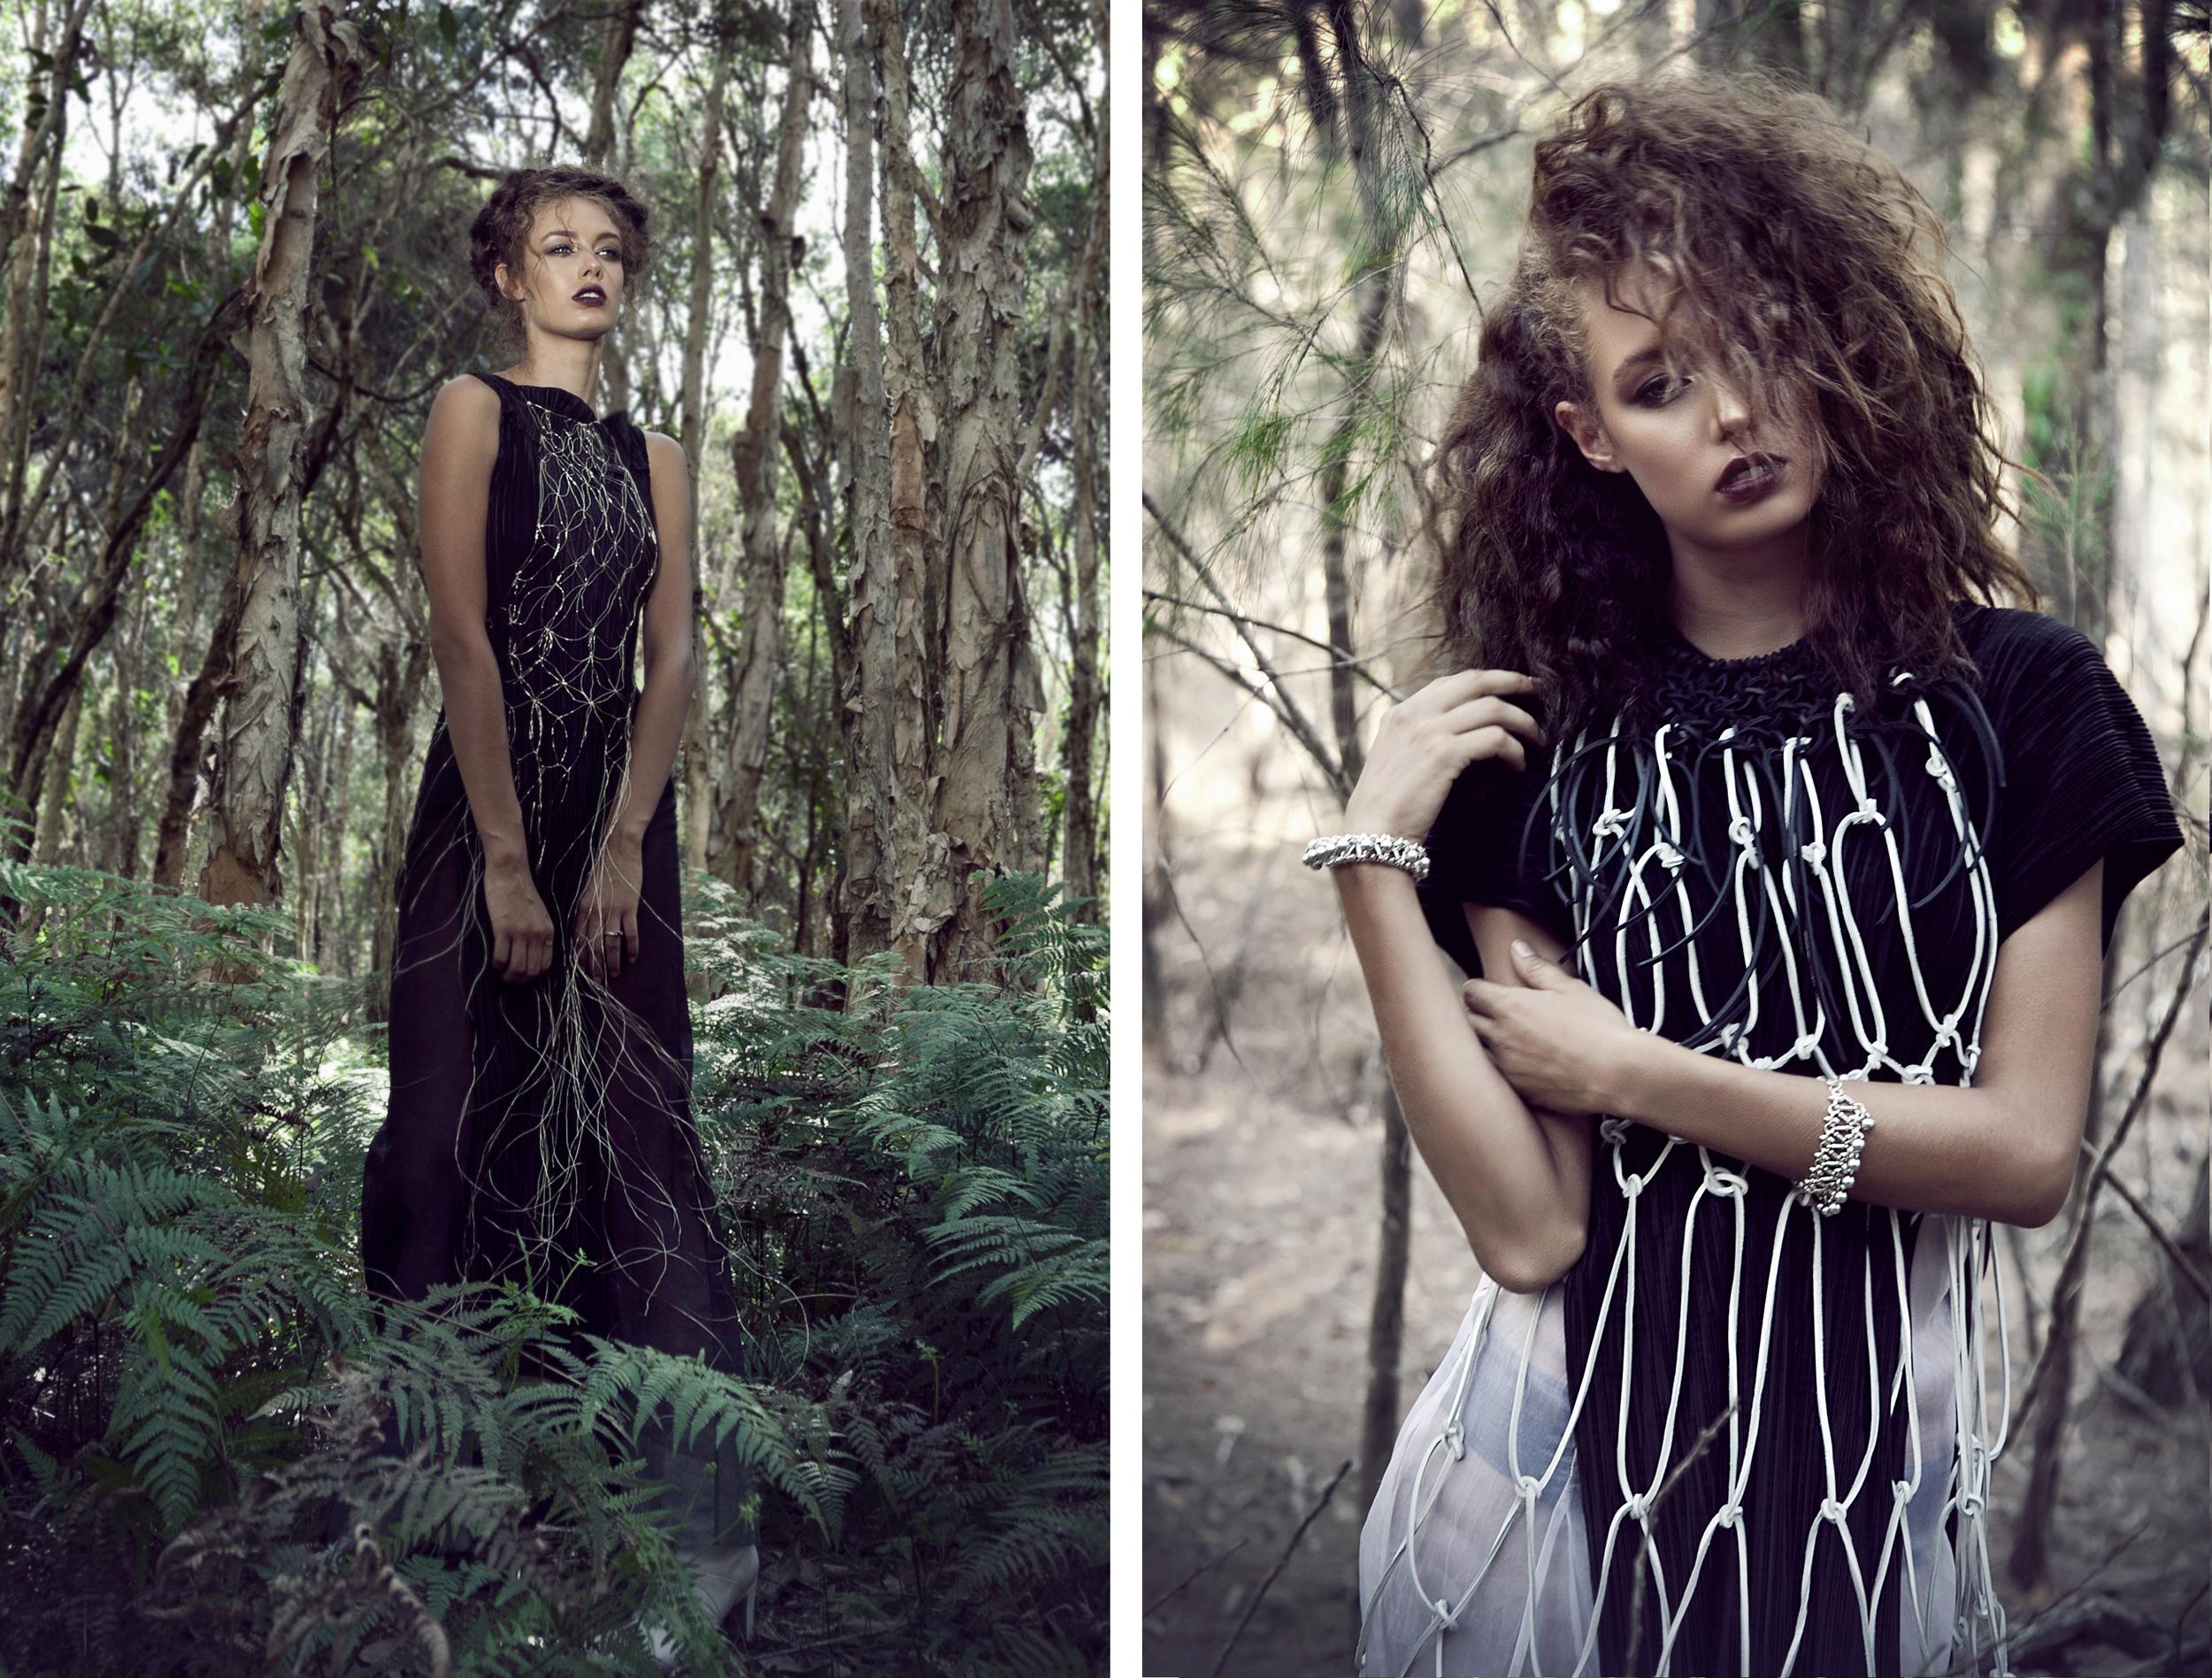 Left - Dress &Skirt:   What Follows               Right - Top:   What Follows  / Skirt:  Kaliver